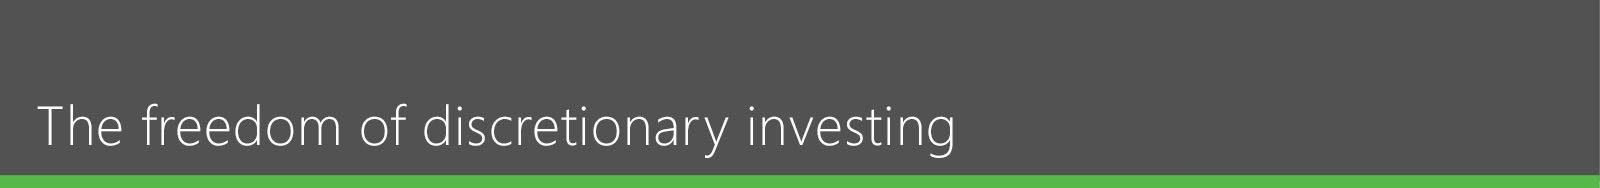 TD-Rickerby-DiscretionaryInvesting.jpg